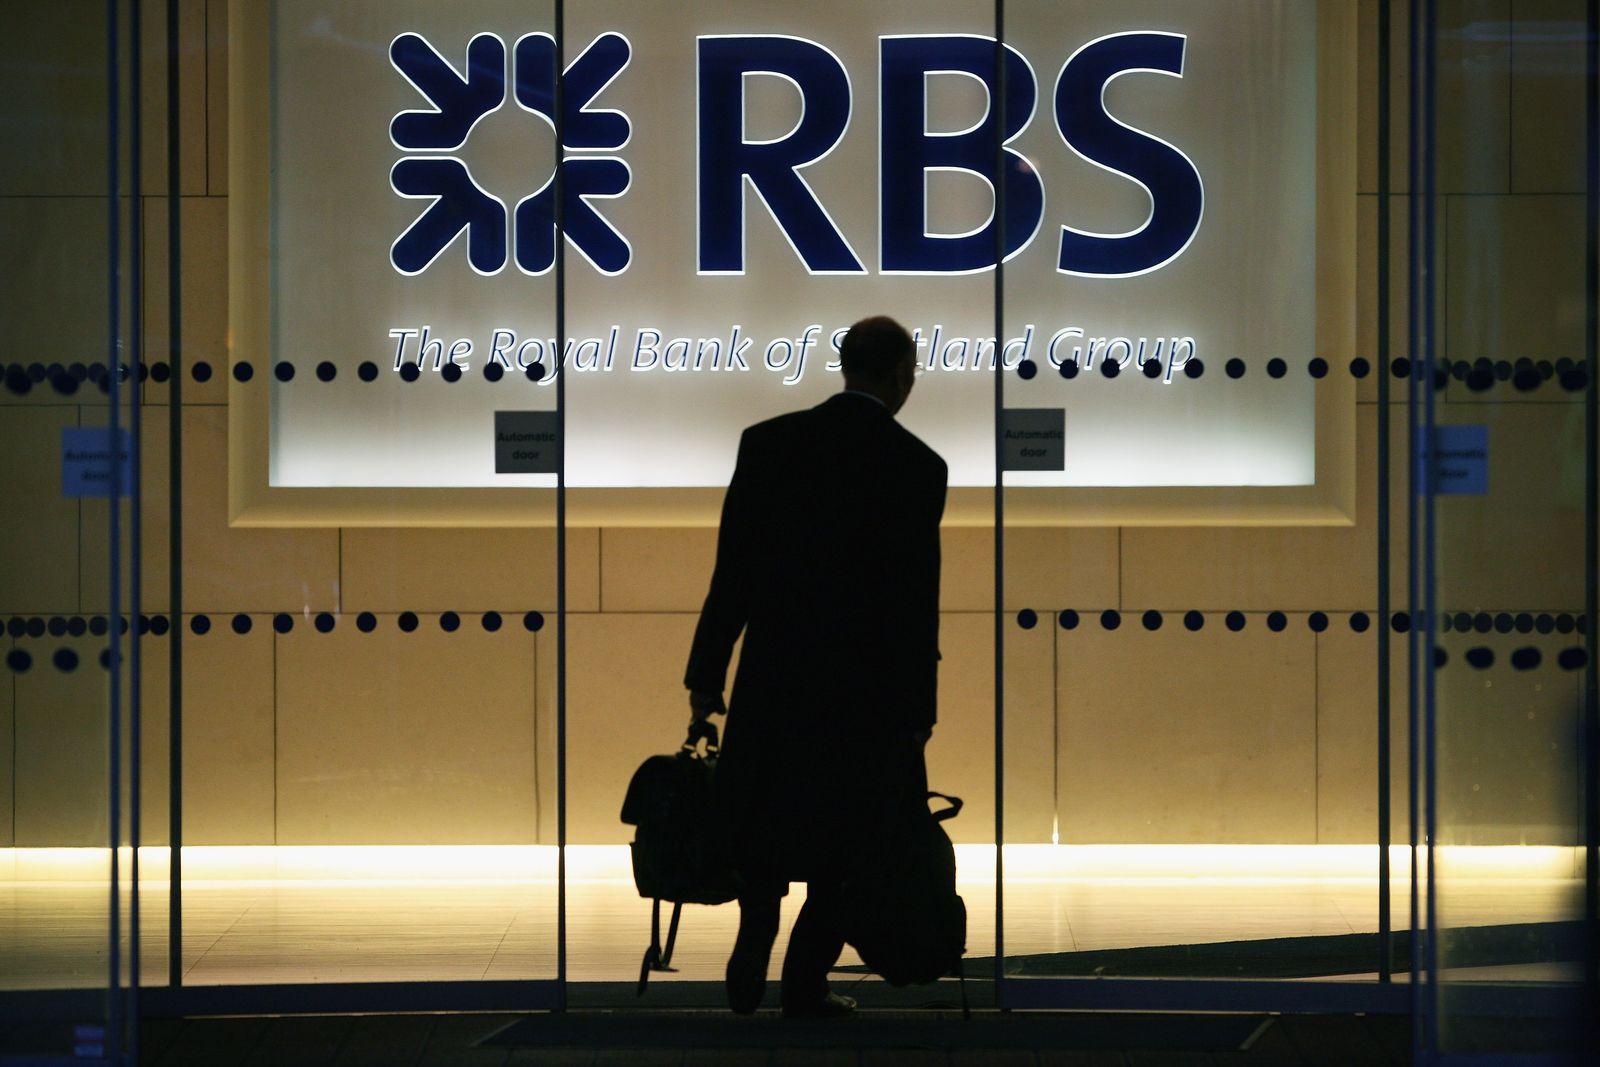 Royal Bank of Scotland XXL